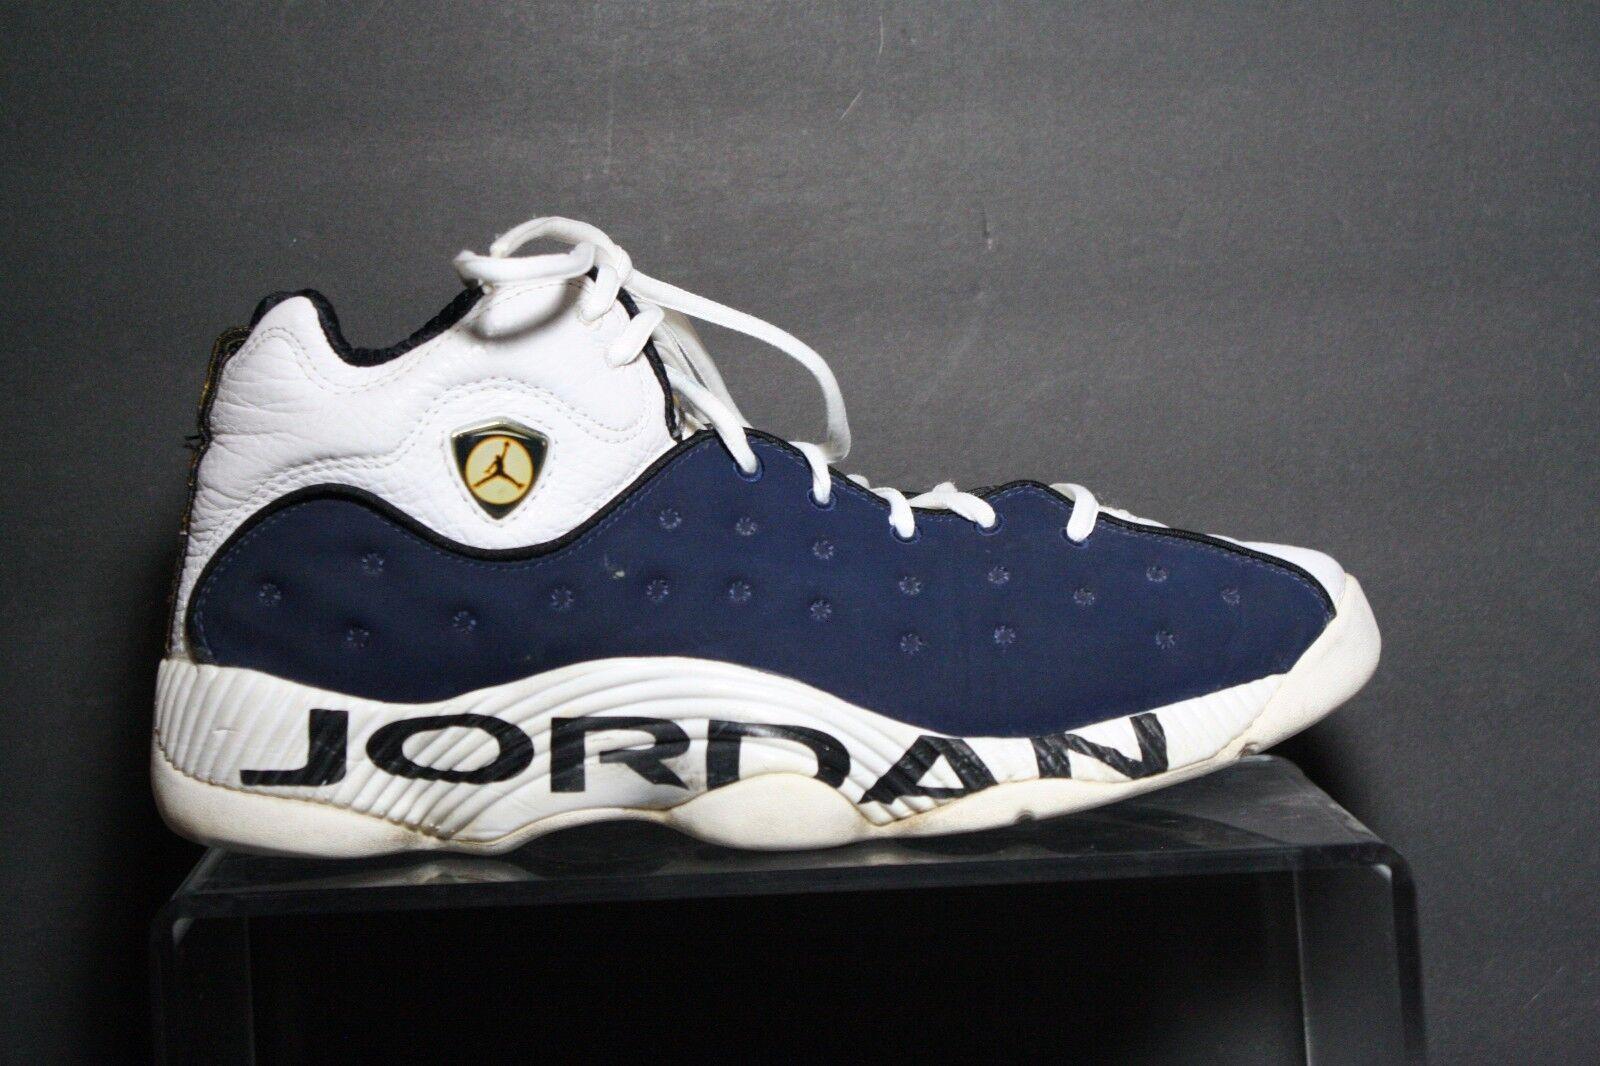 Nike air jordan squadra ripropone og 1998 - 13 atleti uomini della marina bianchi, scarpe da ginnastica di basket